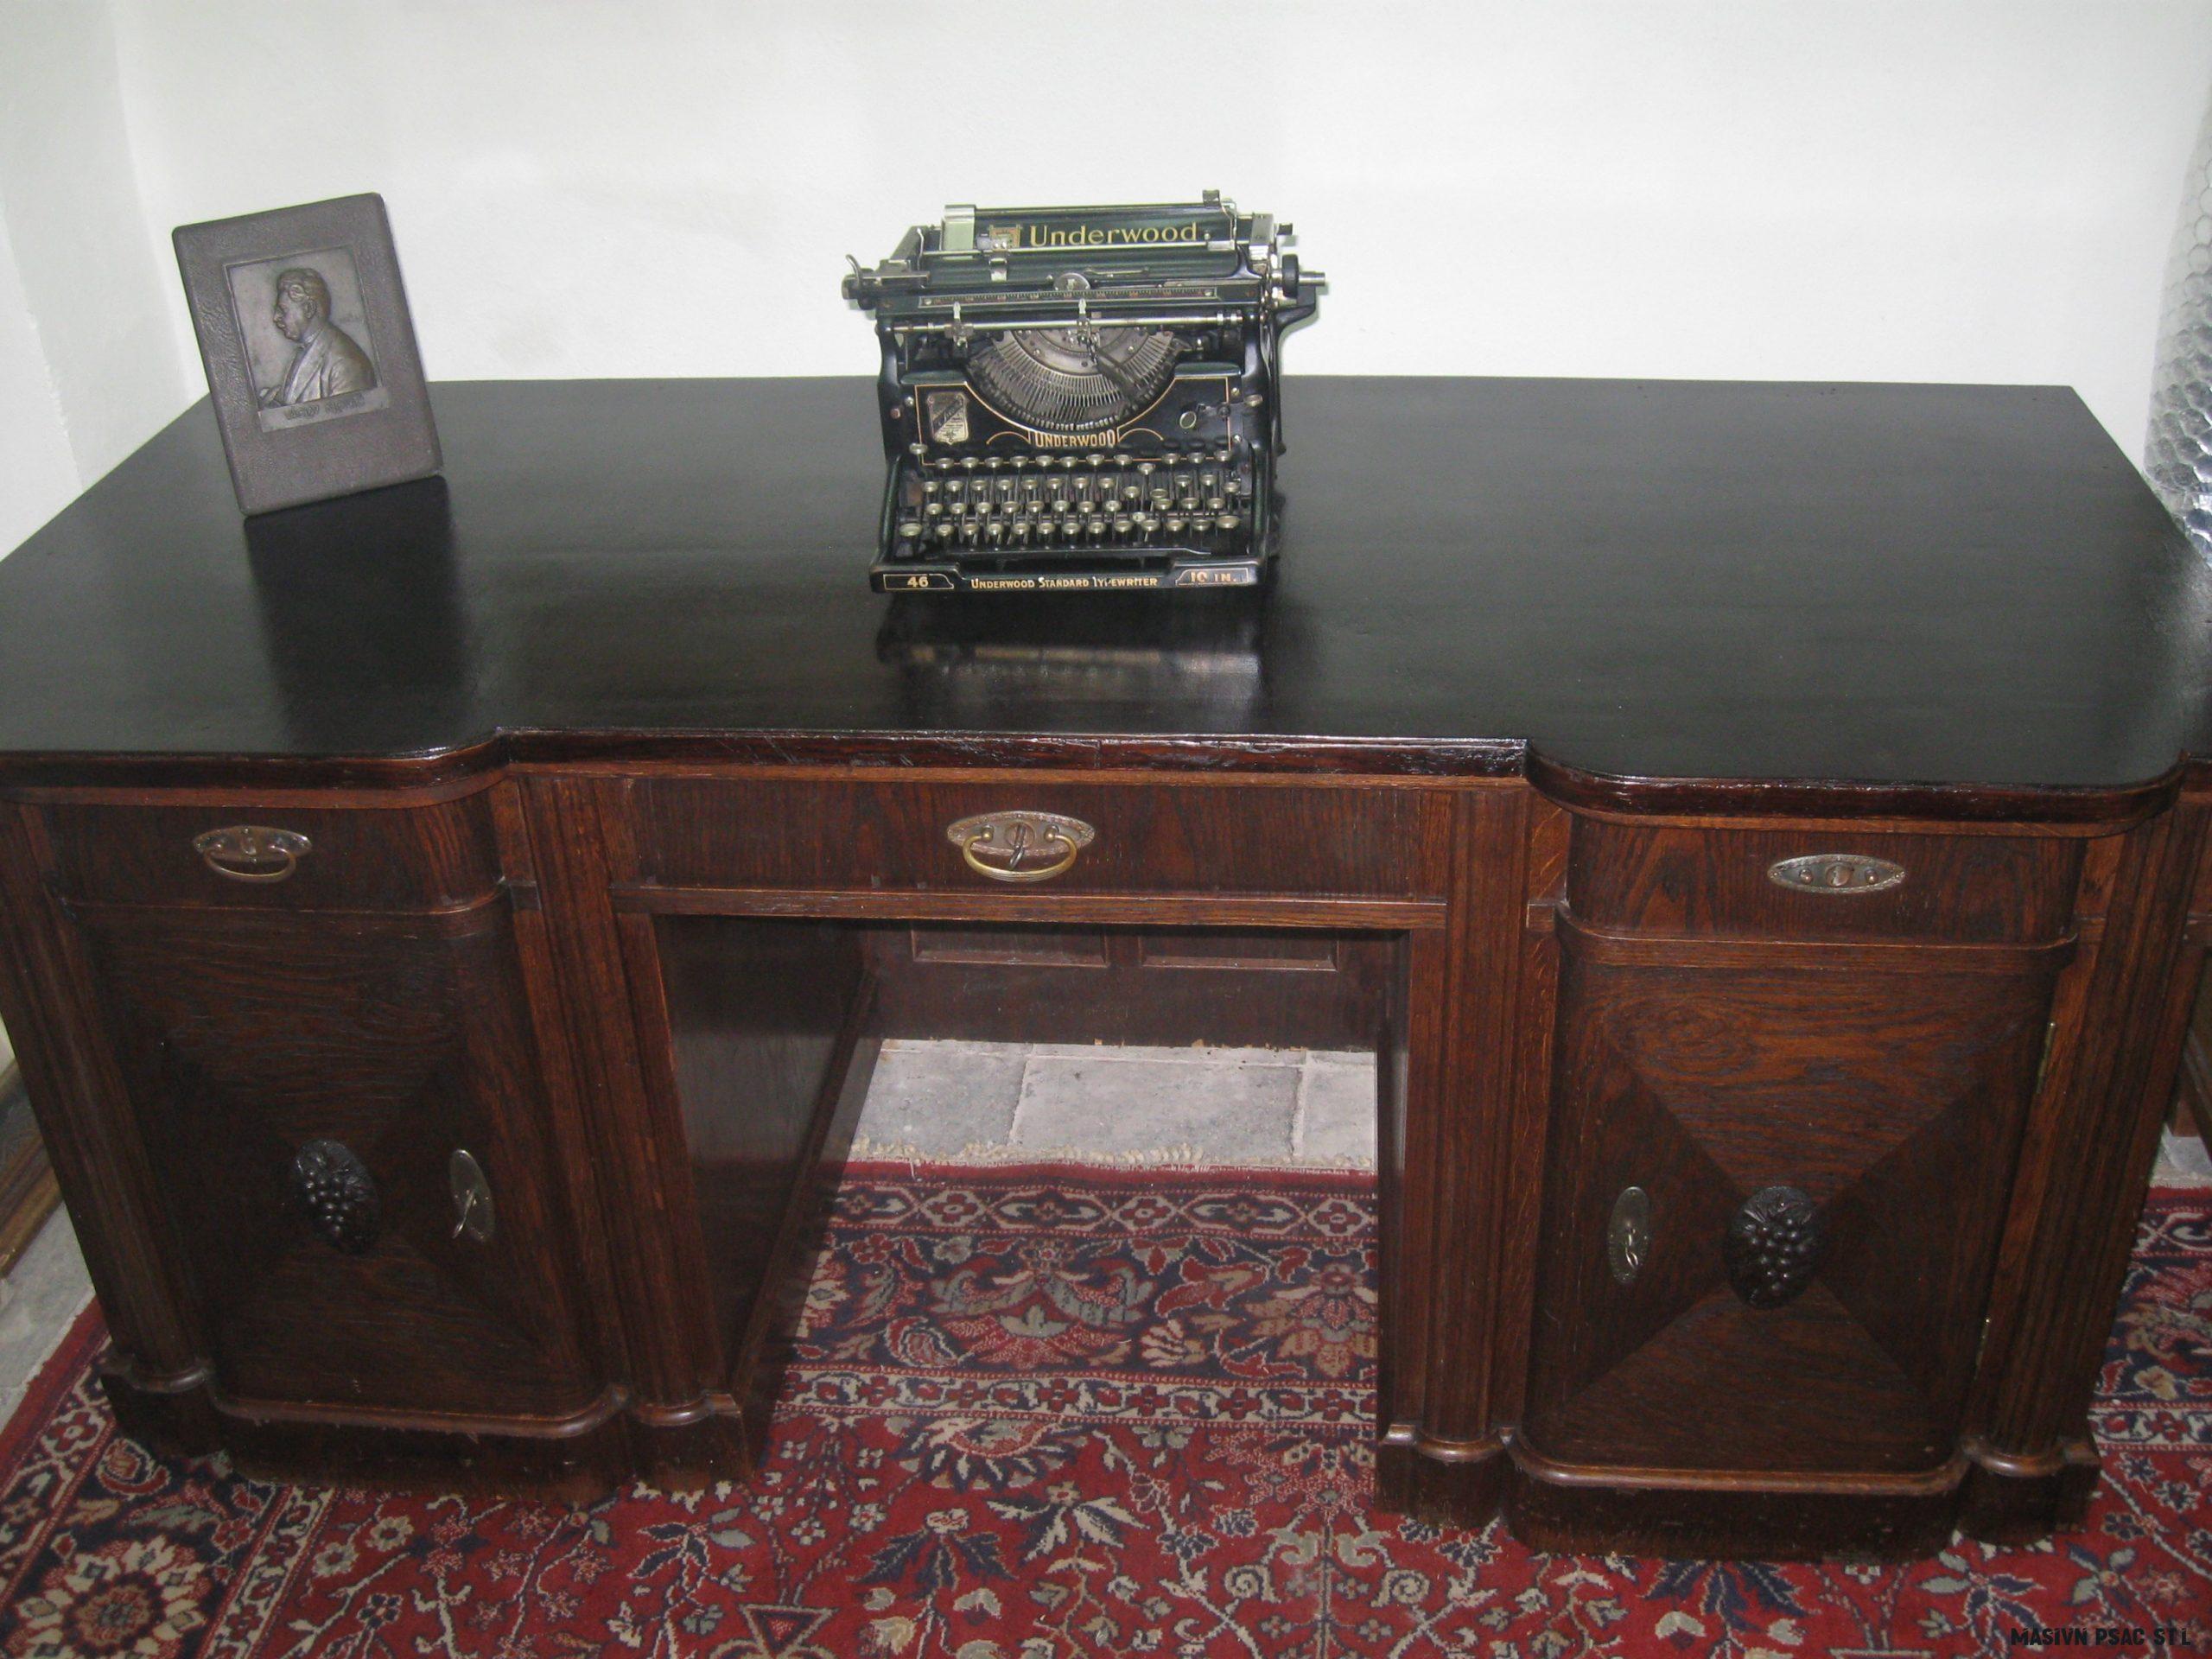 Velký ředitelský psací stůl E.Gerstel cca 18